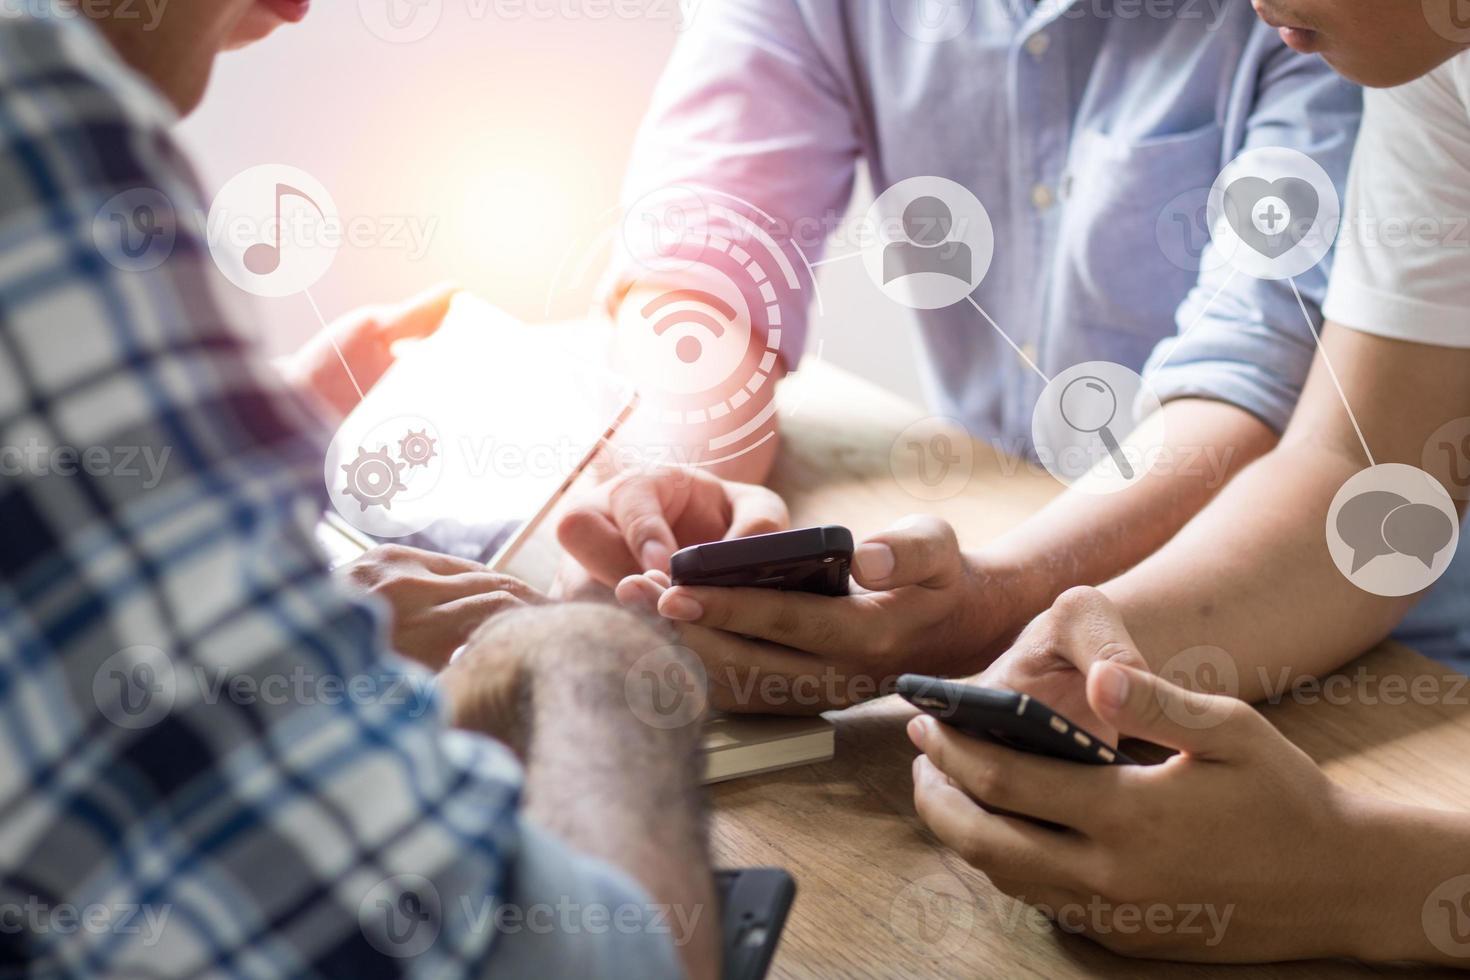 Gruppe von Männern mit Telefon foto